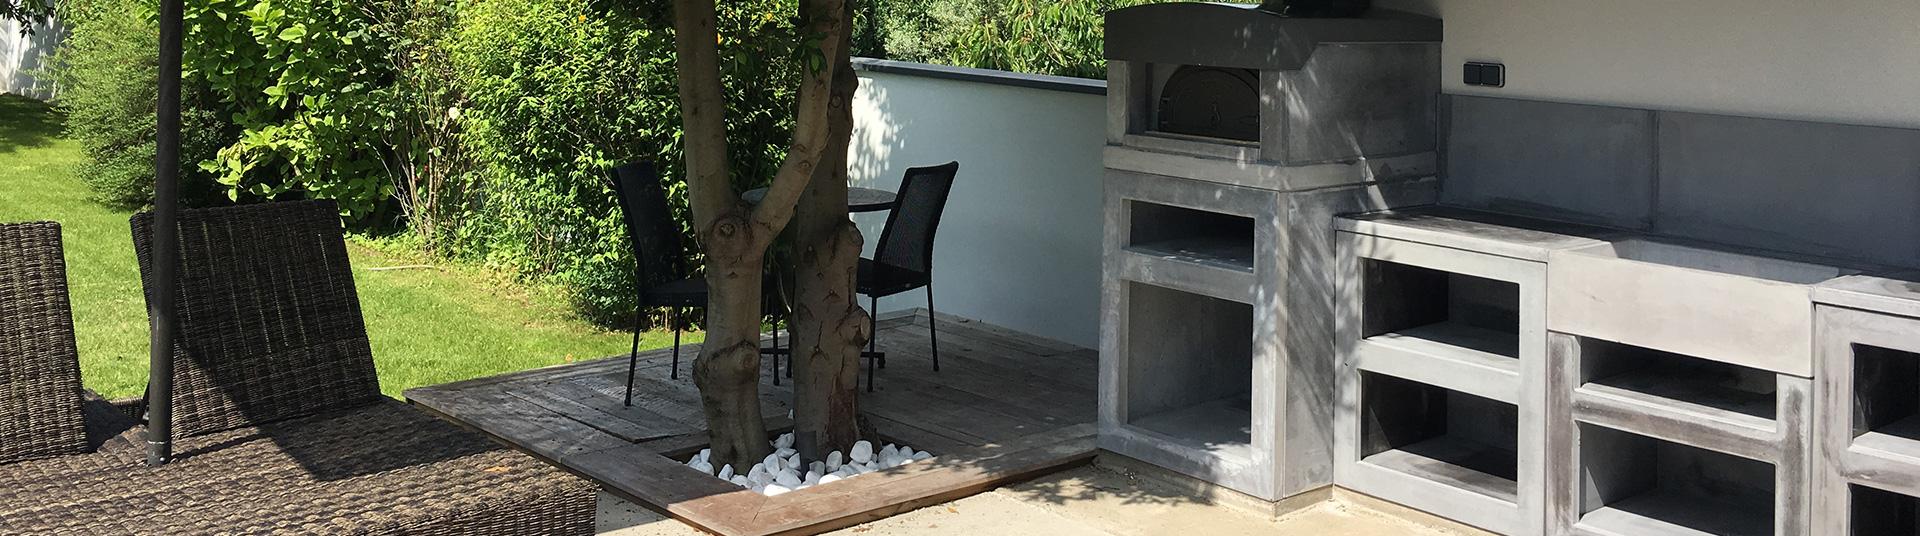 Cuisine Exterieure En Pierre cuisine d'été extérieure en pierre reconstituée sur mesure